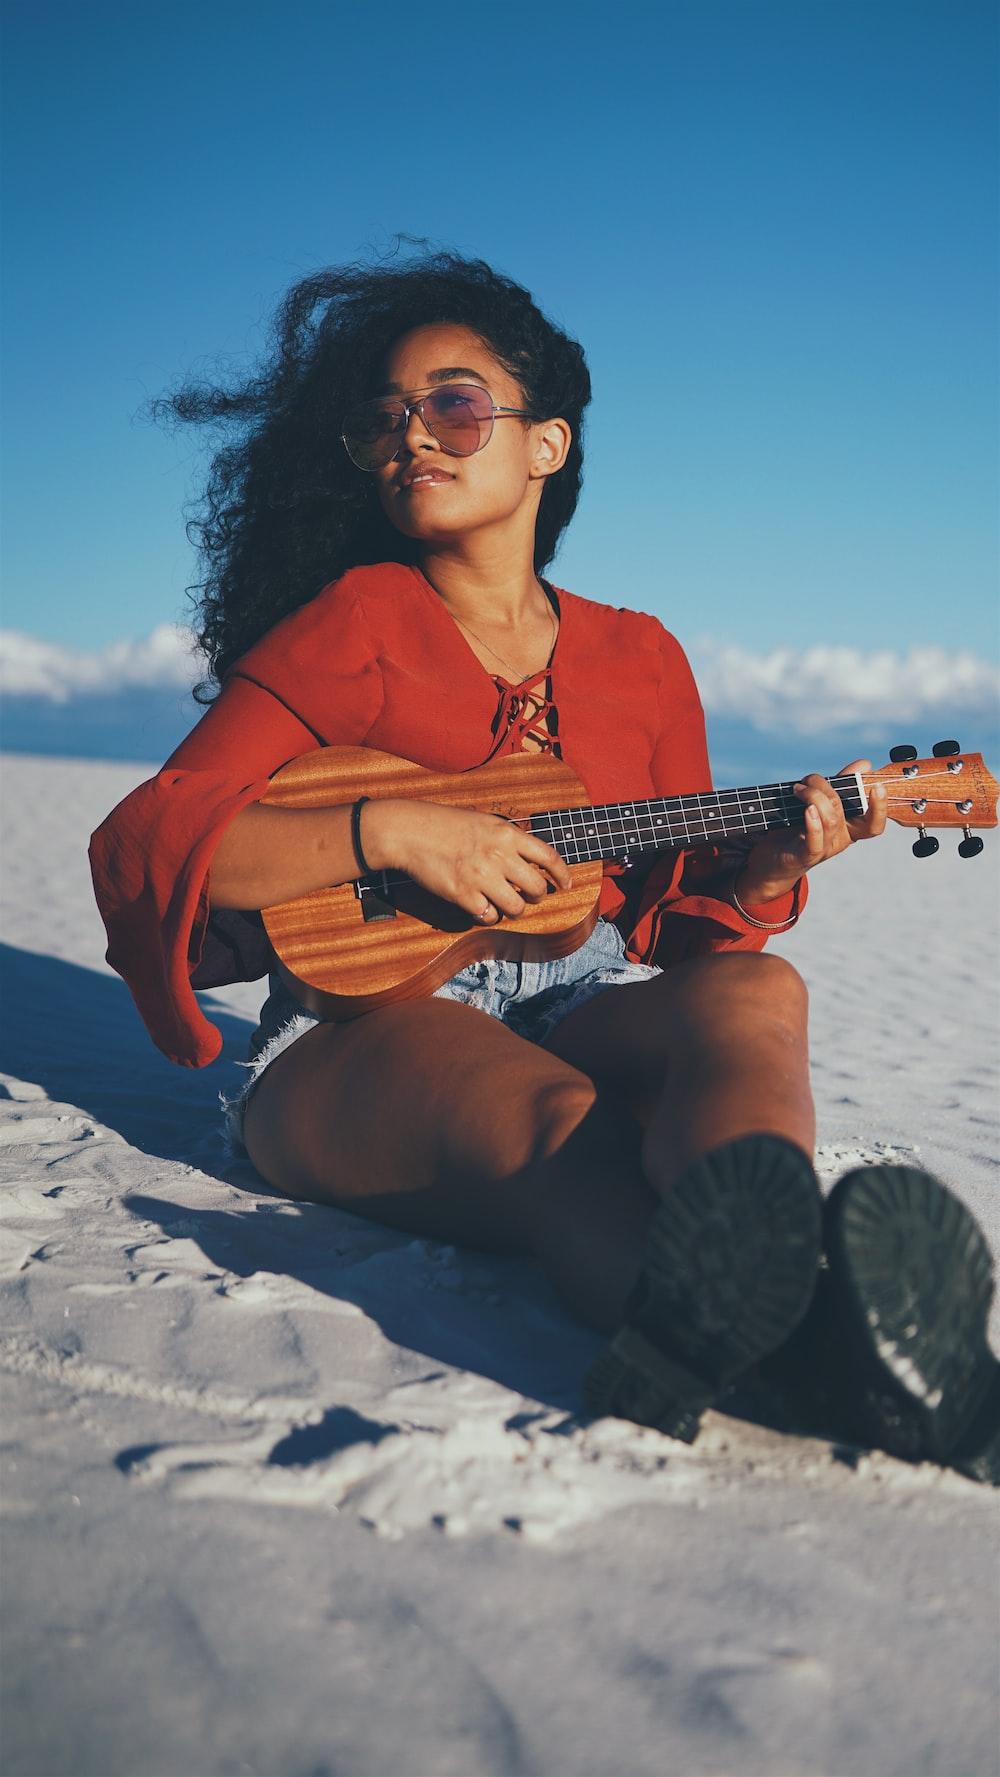 woman playing ukulele while sitting on gray sand